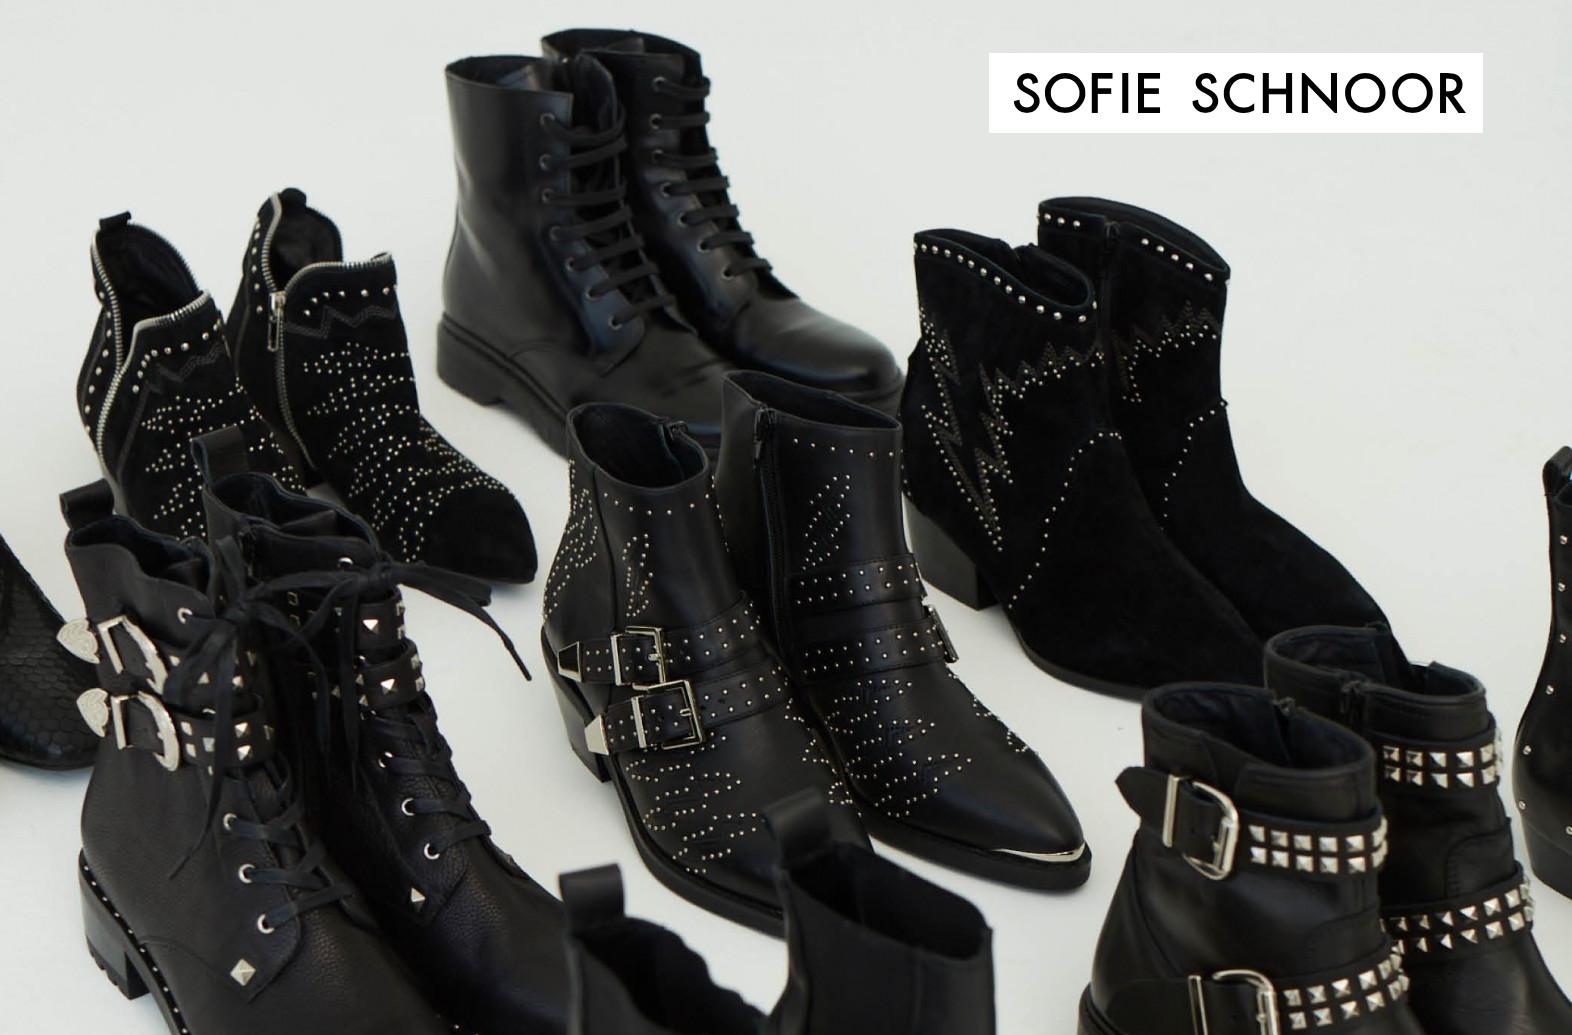 Sofie Schnoor AW20